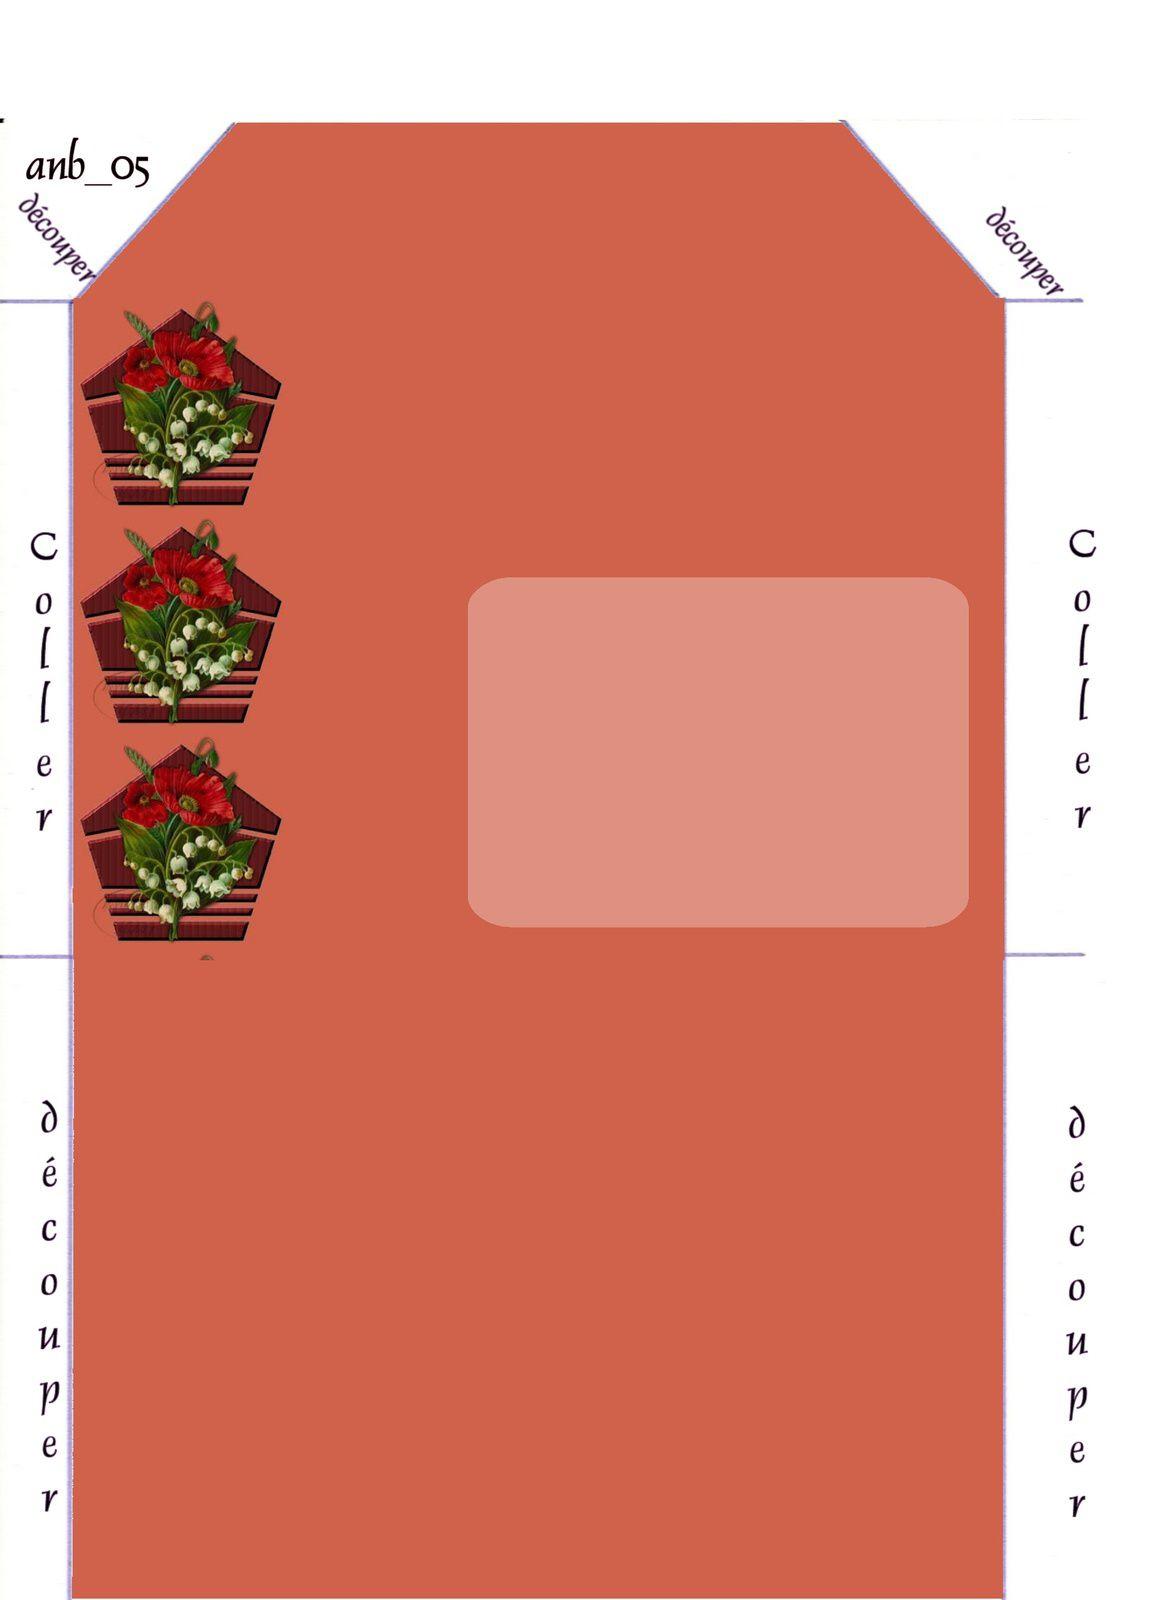 Fleurs Muguet Pavot Incredimail &amp&#x3B; outlook &amp&#x3B; Papier A4 h l &amp&#x3B; enveloppe &amp&#x3B; 2 cartes A5 &amp&#x3B; signets 3 langues et porte-bonheur fleur_bouquet_muguets22